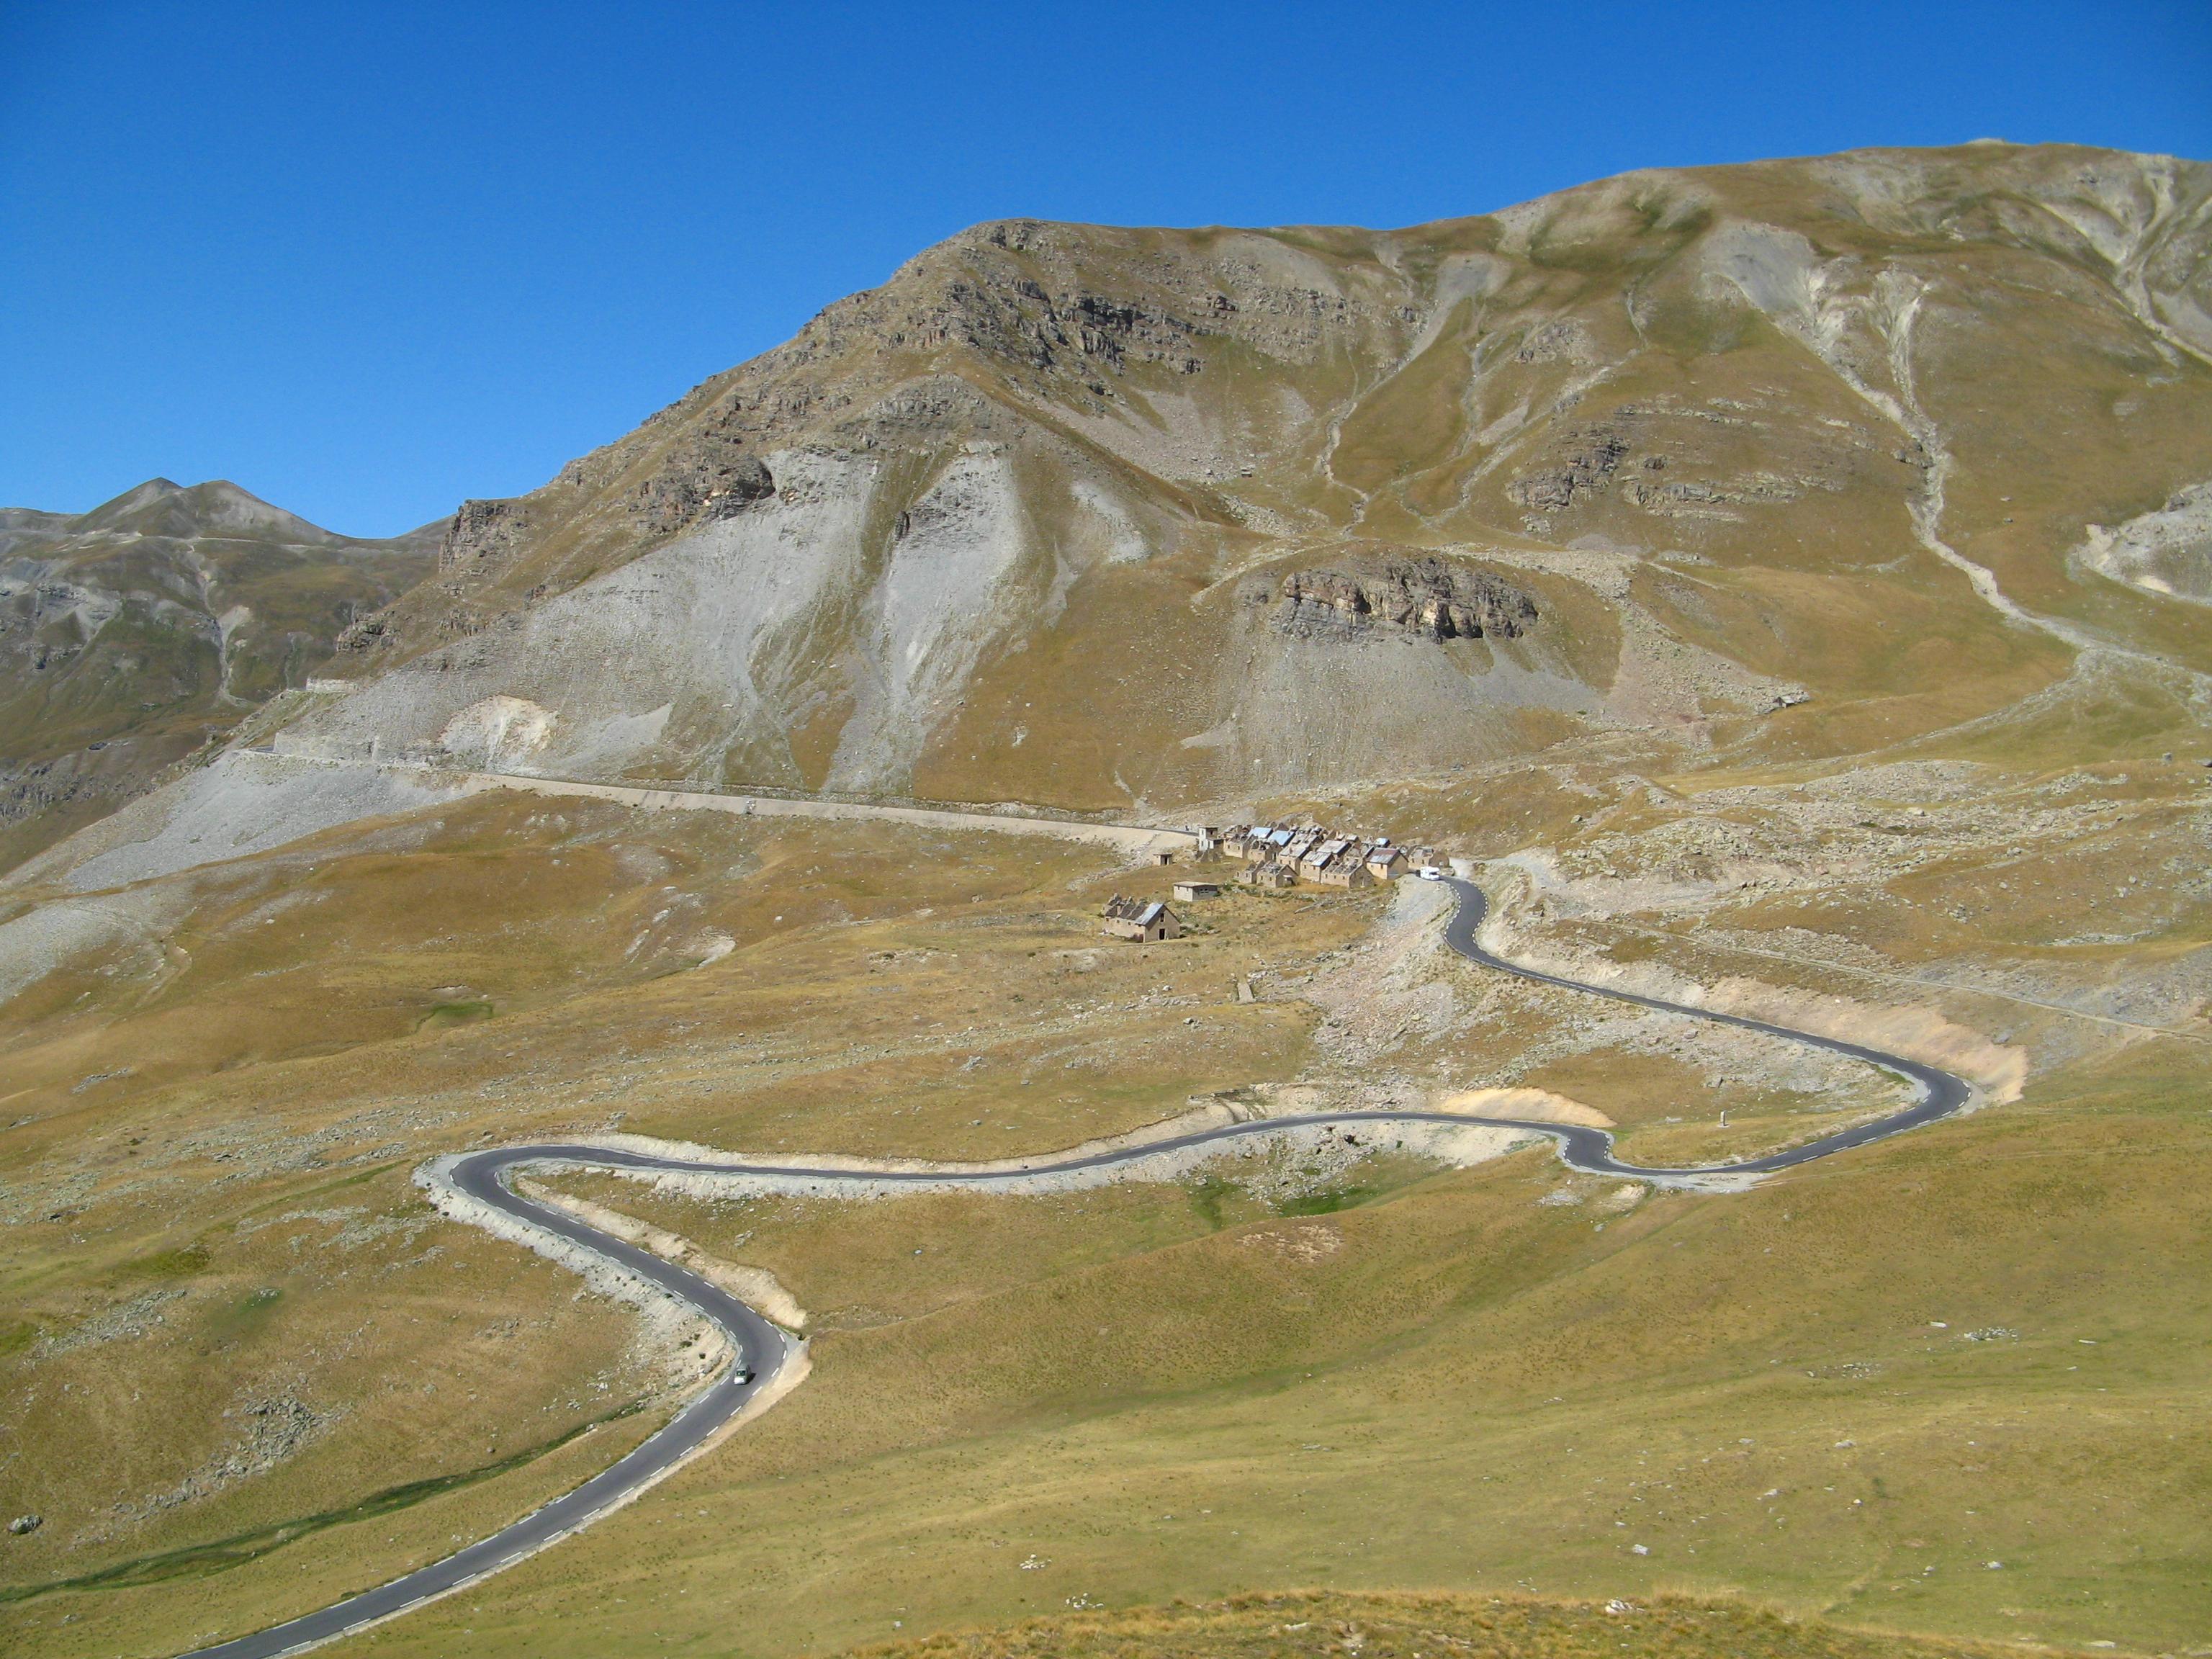 Col de la Bonnette, driver's paradise